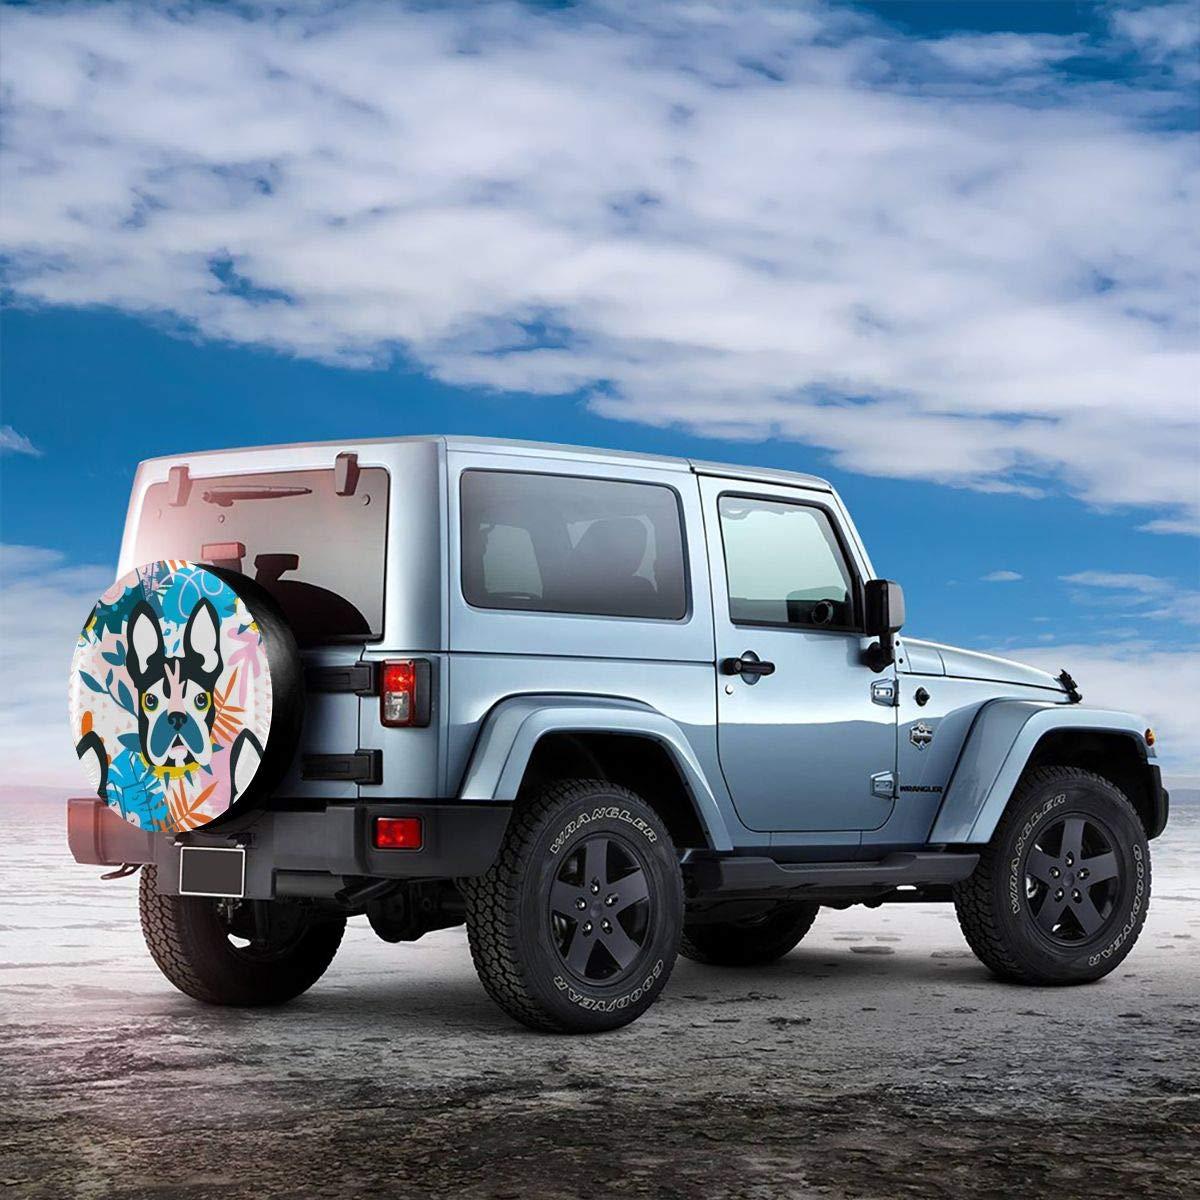 Jeep Wohnmobil SUV Anh/änger Zubeh/ör15 (Durchmesser 27-29 Anh/änger opi 90iuop Pferd mit Sonnenblumen Universal Reserverad Reifen Abdeckung Fit f/ür LKW Wohnmobil